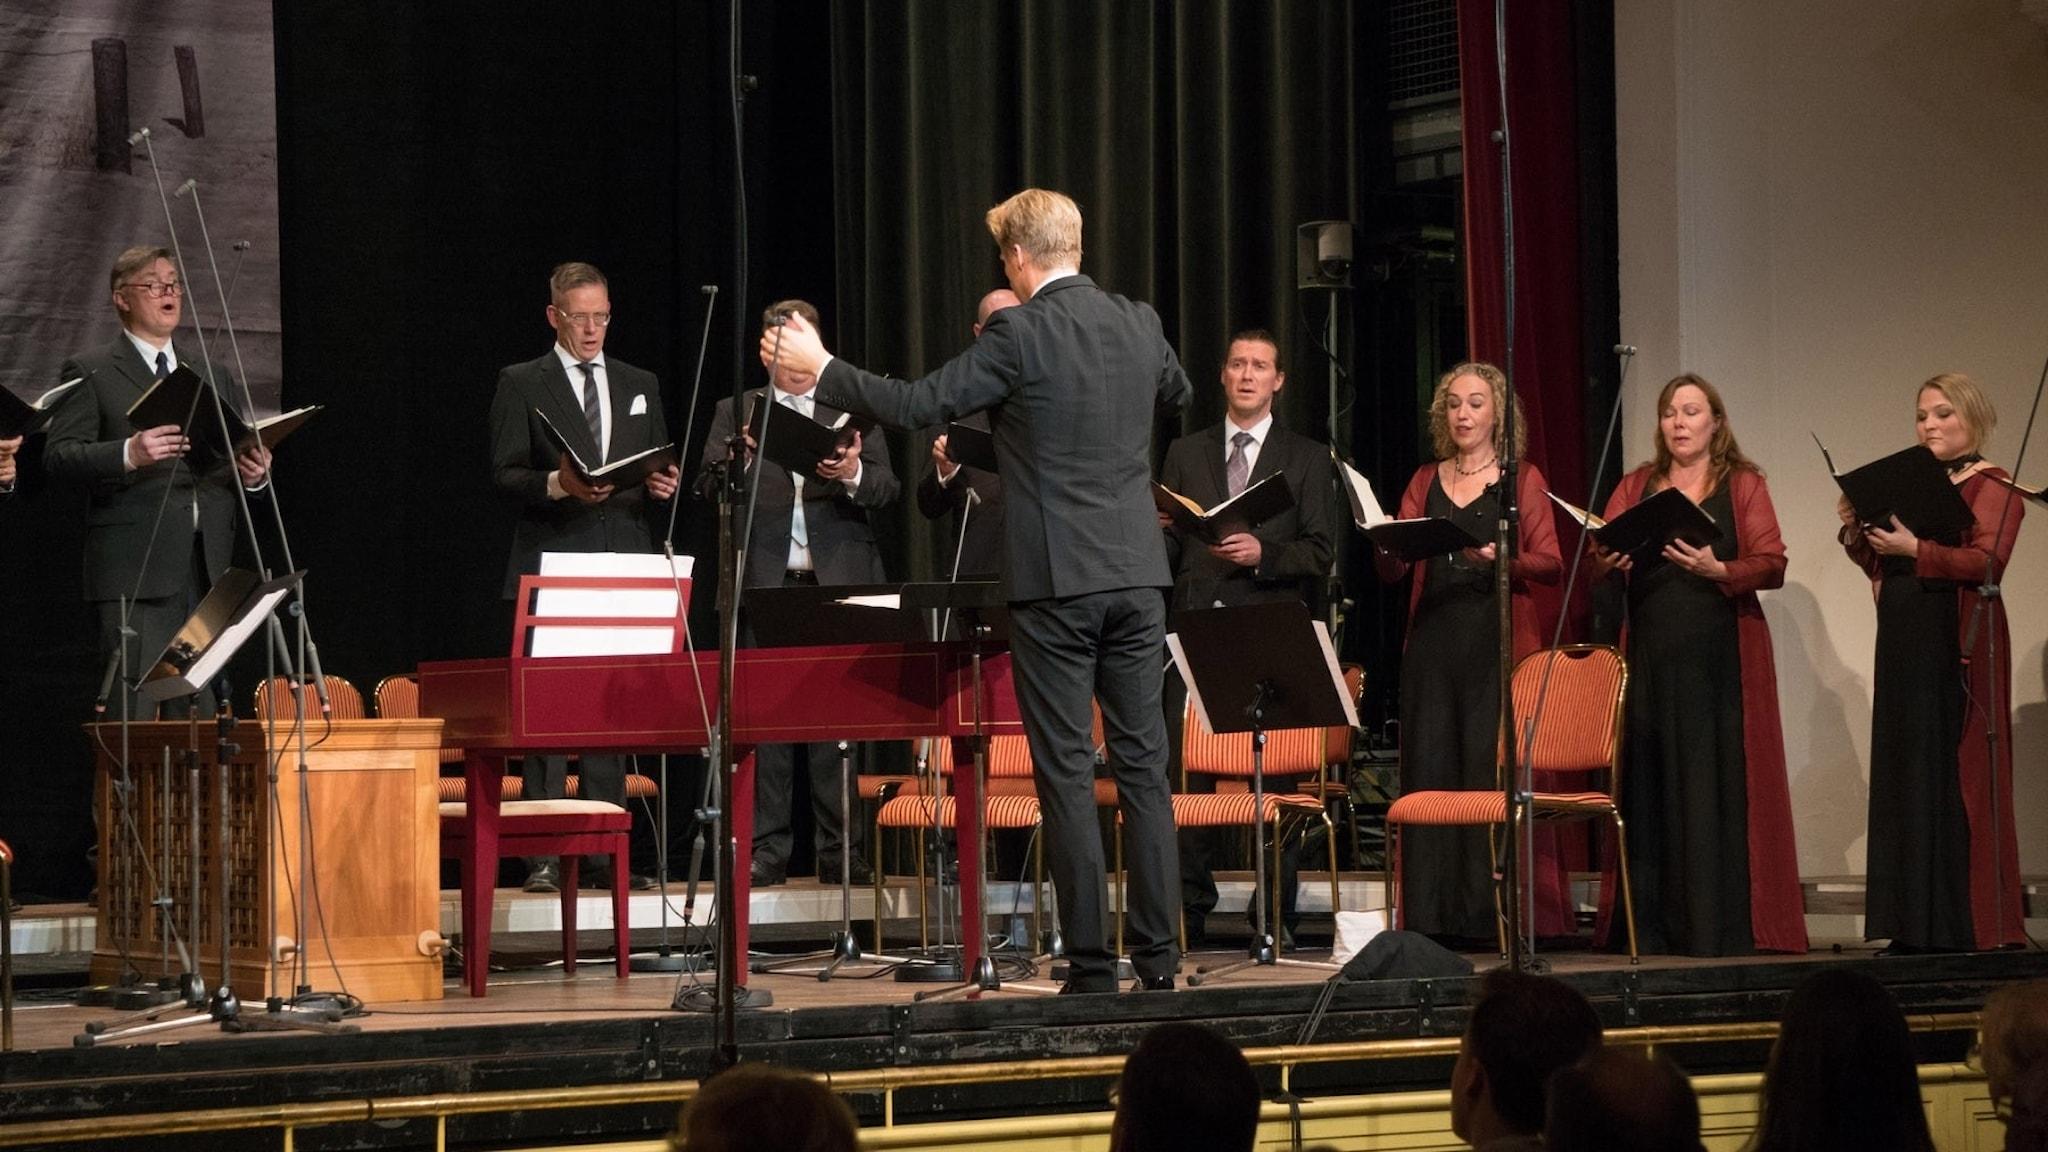 Eric Ericsons kammarkör med dirigenten Olof Boman i Usedom Music Festival.